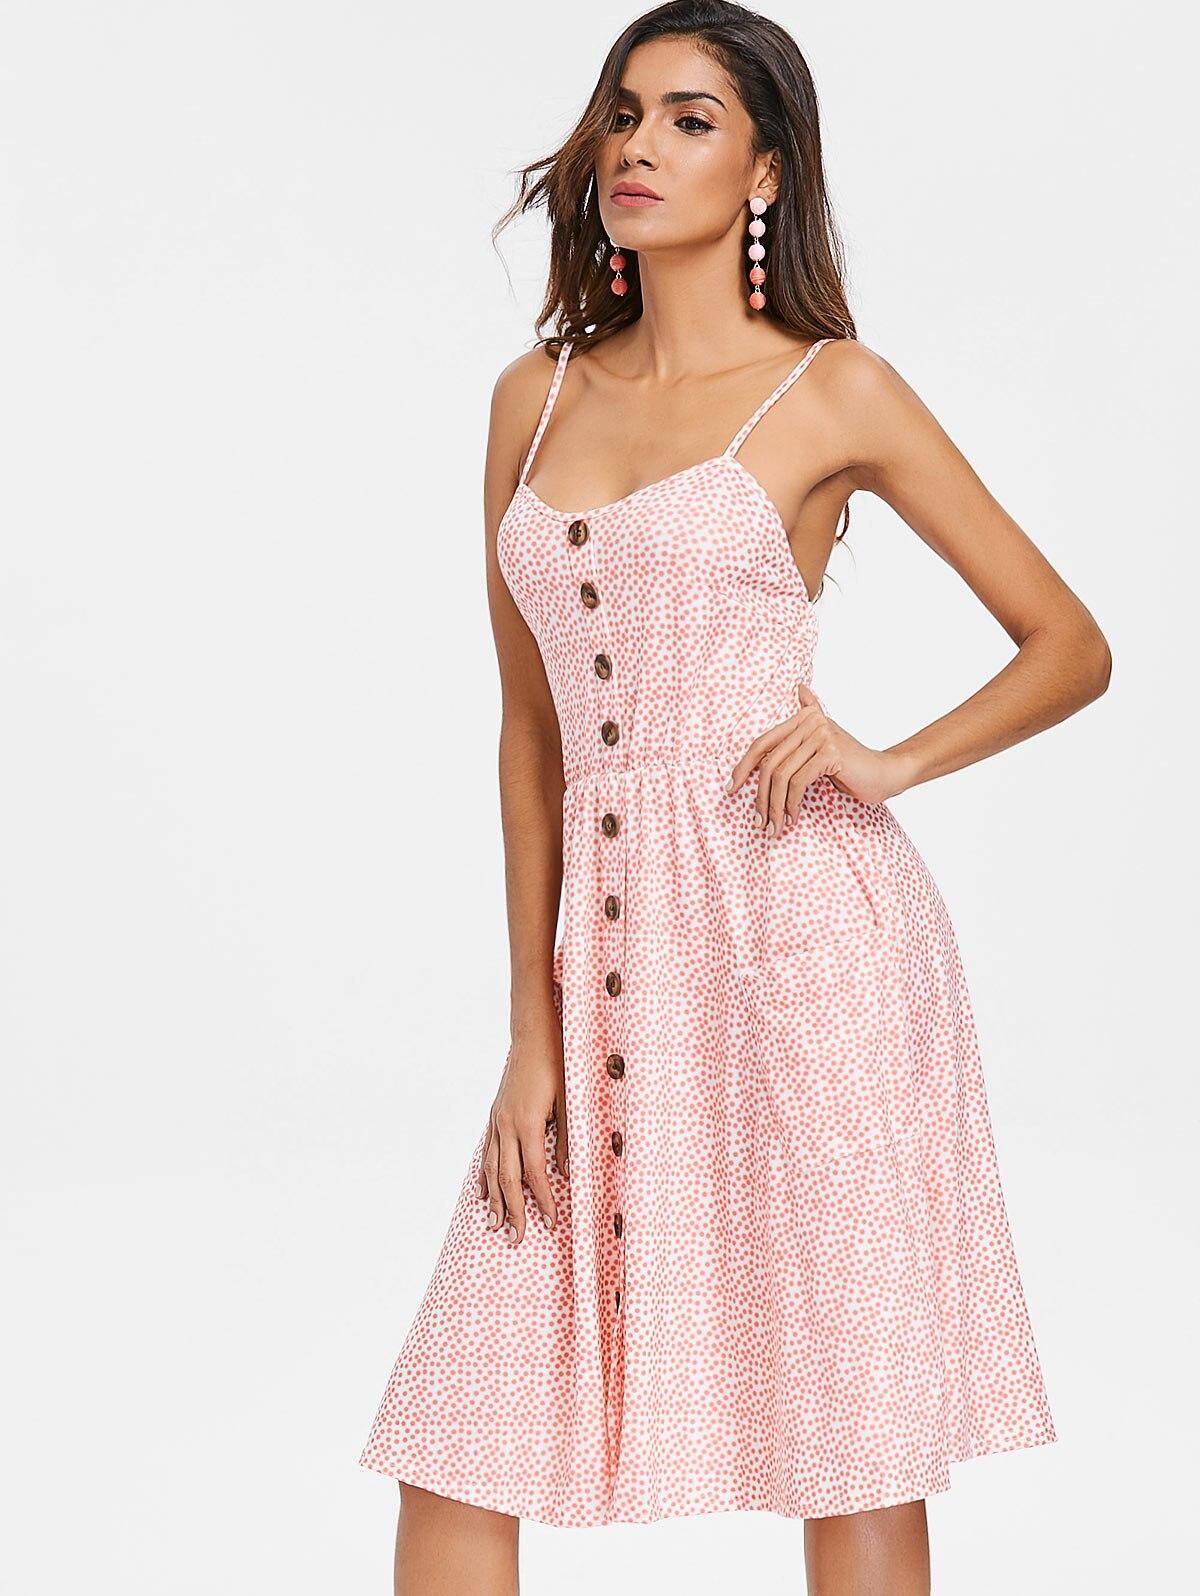 Spaghetti Strap Polka Dot Button Up Dress Summer